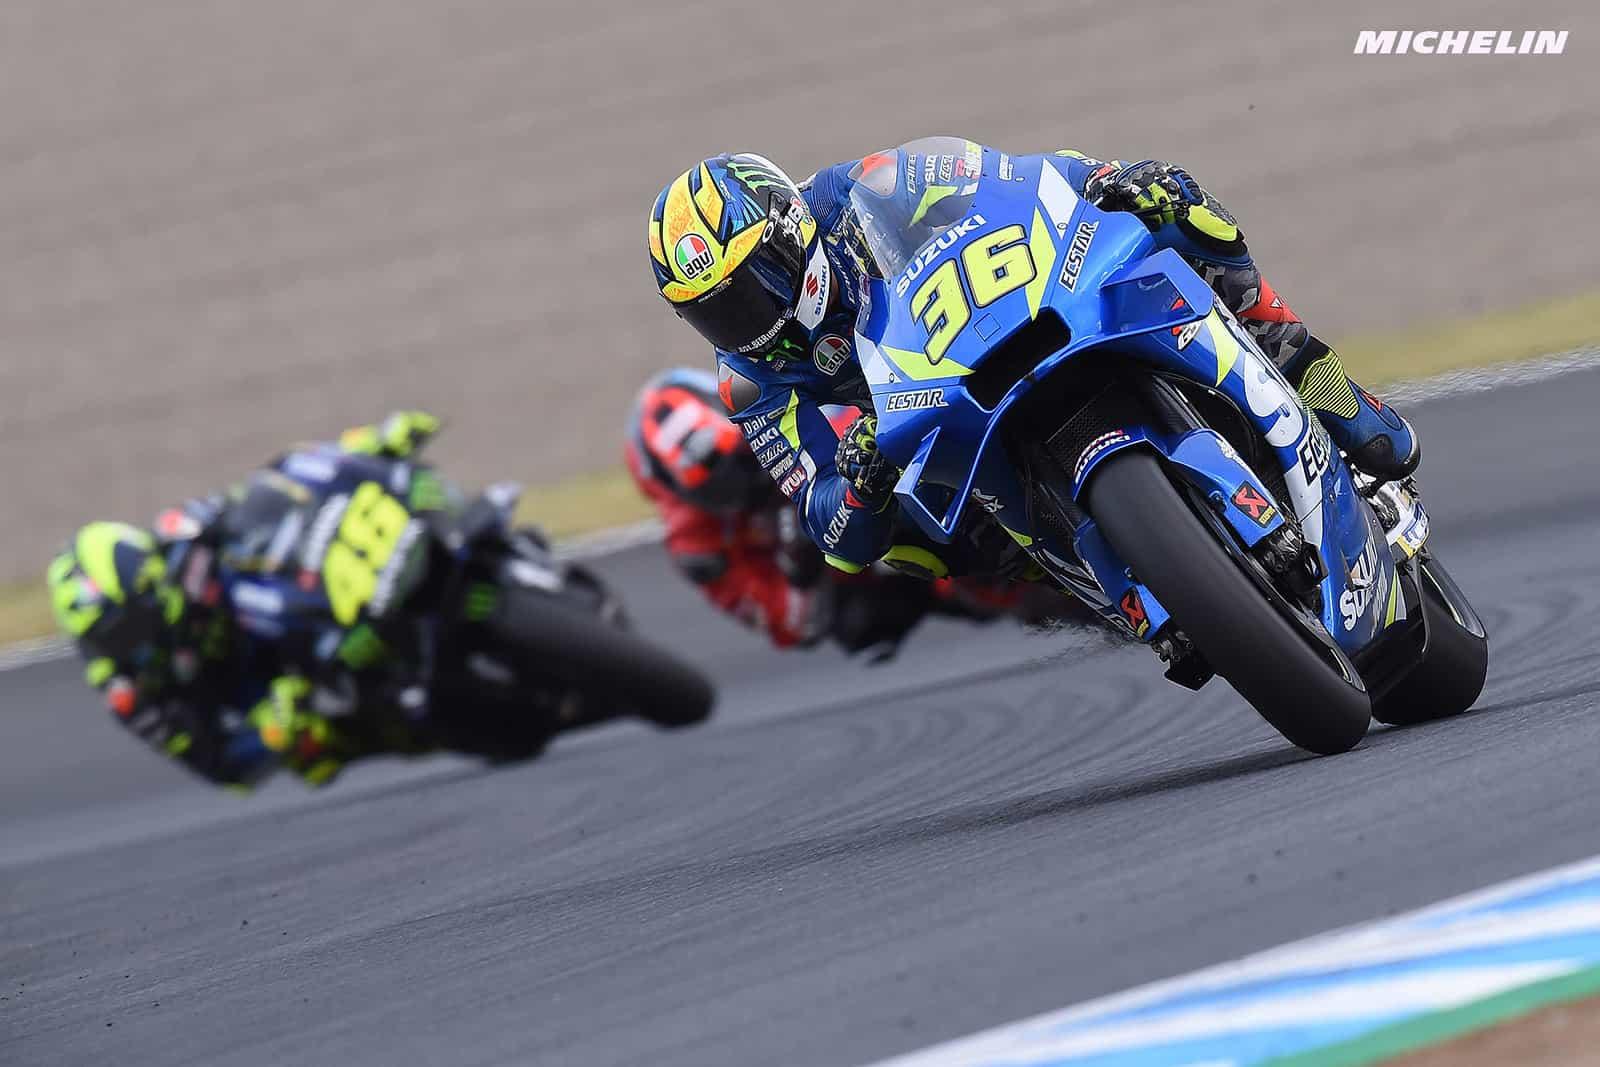 MotoGP2019日本GP 8位ミル「ペトルッチを抜くのに苦戦してしまった」